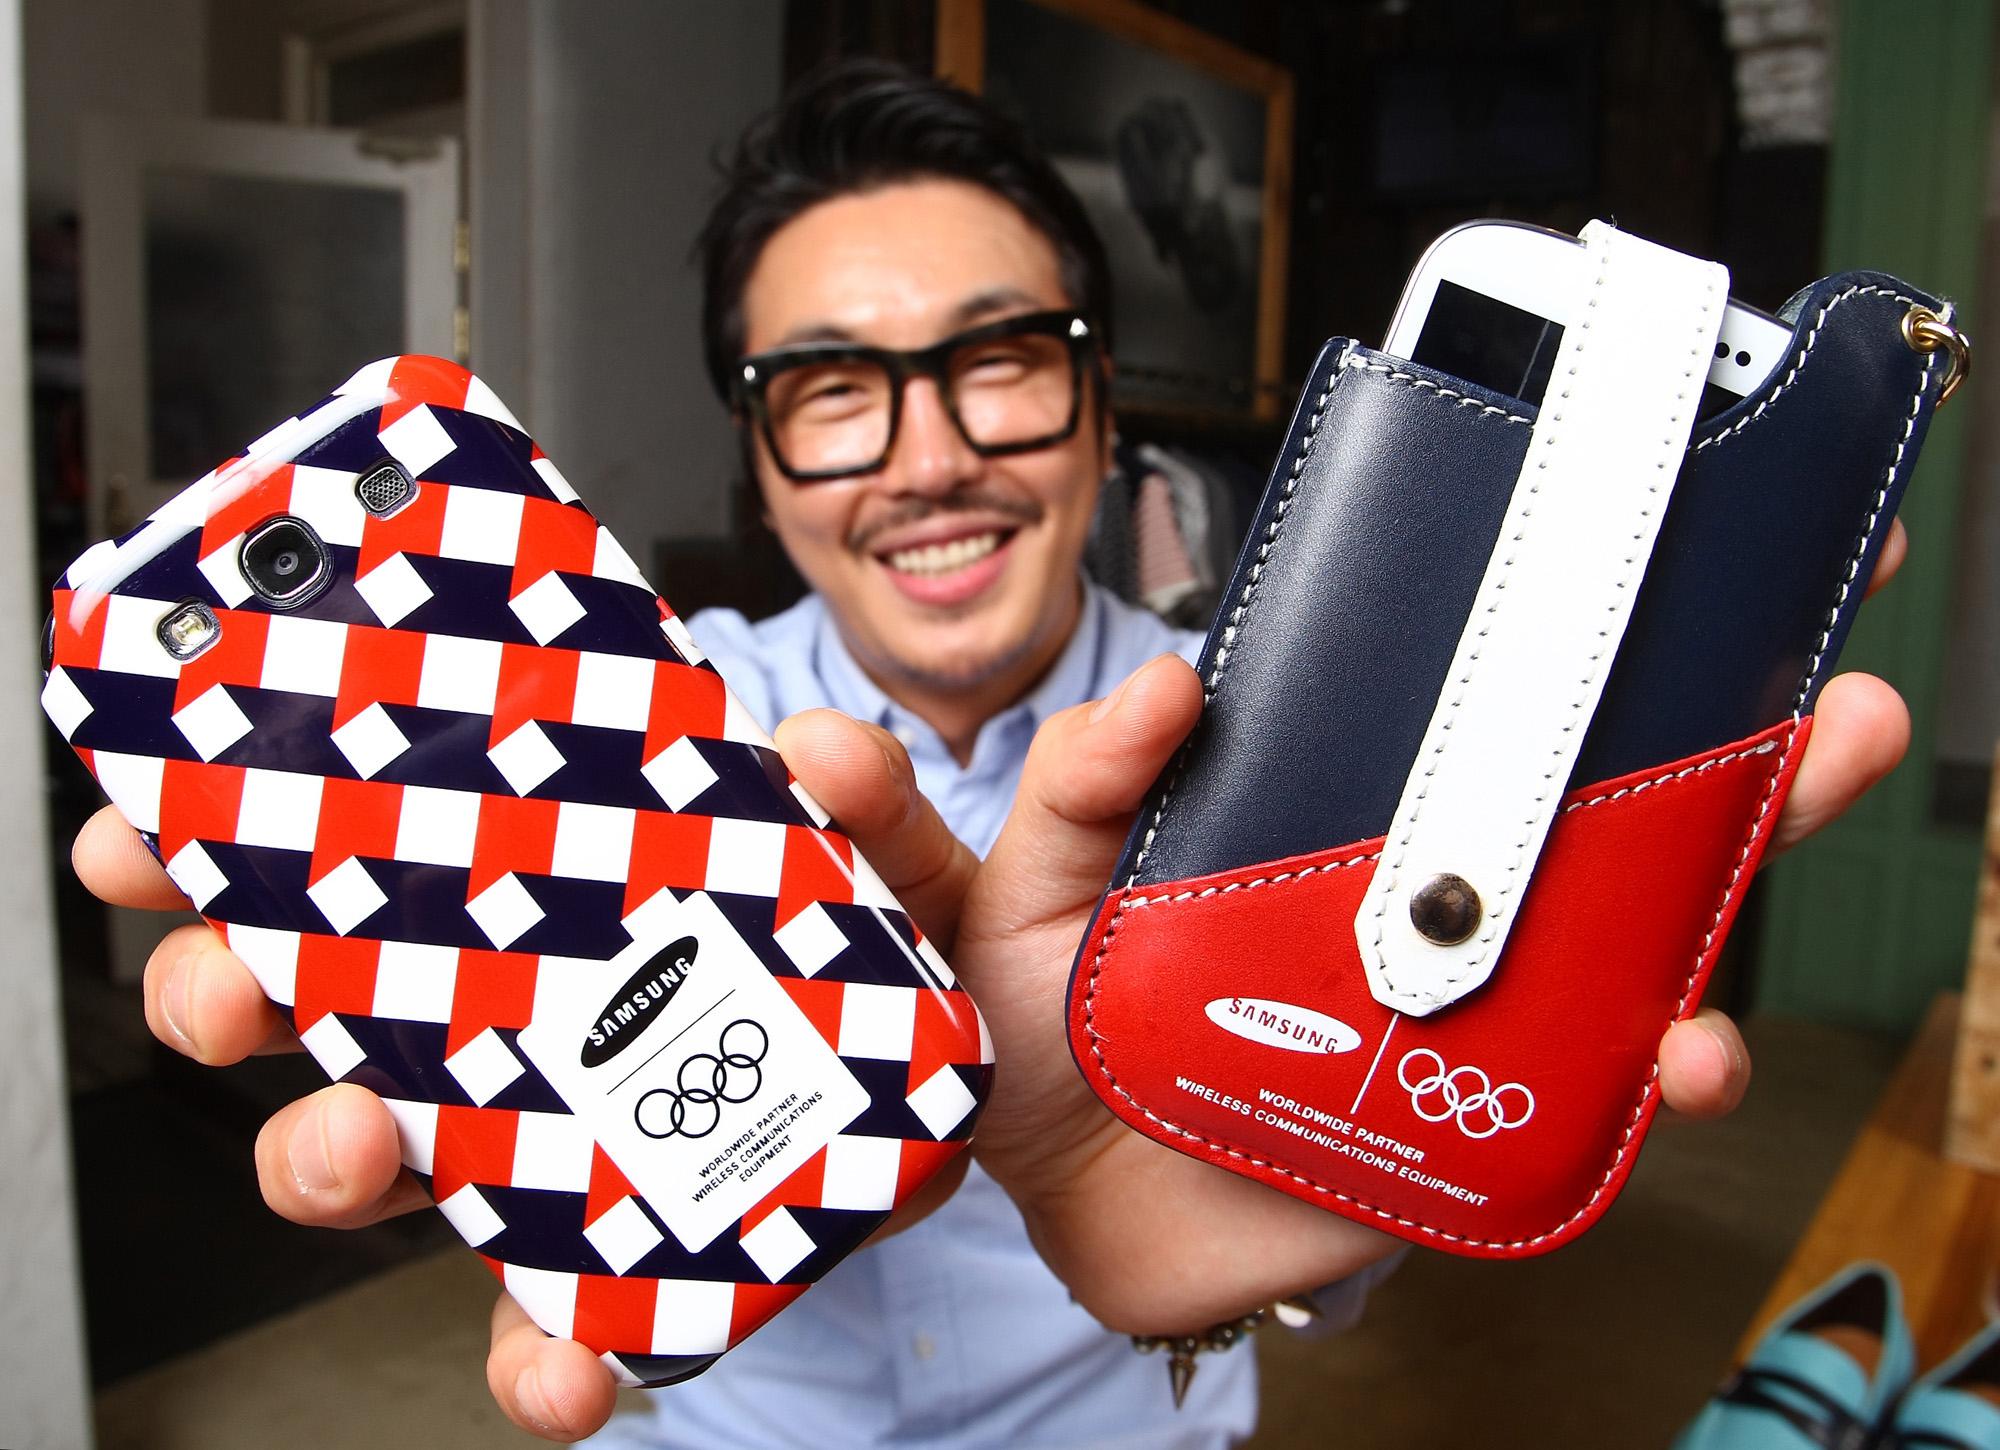 유명 패션 디자이너 최범석이 디자인한 휴대폰 케이스와 파우치가 포함된 '갤럭시SⅢ 올림픽 스페셜 액세서리를 들고 있다.